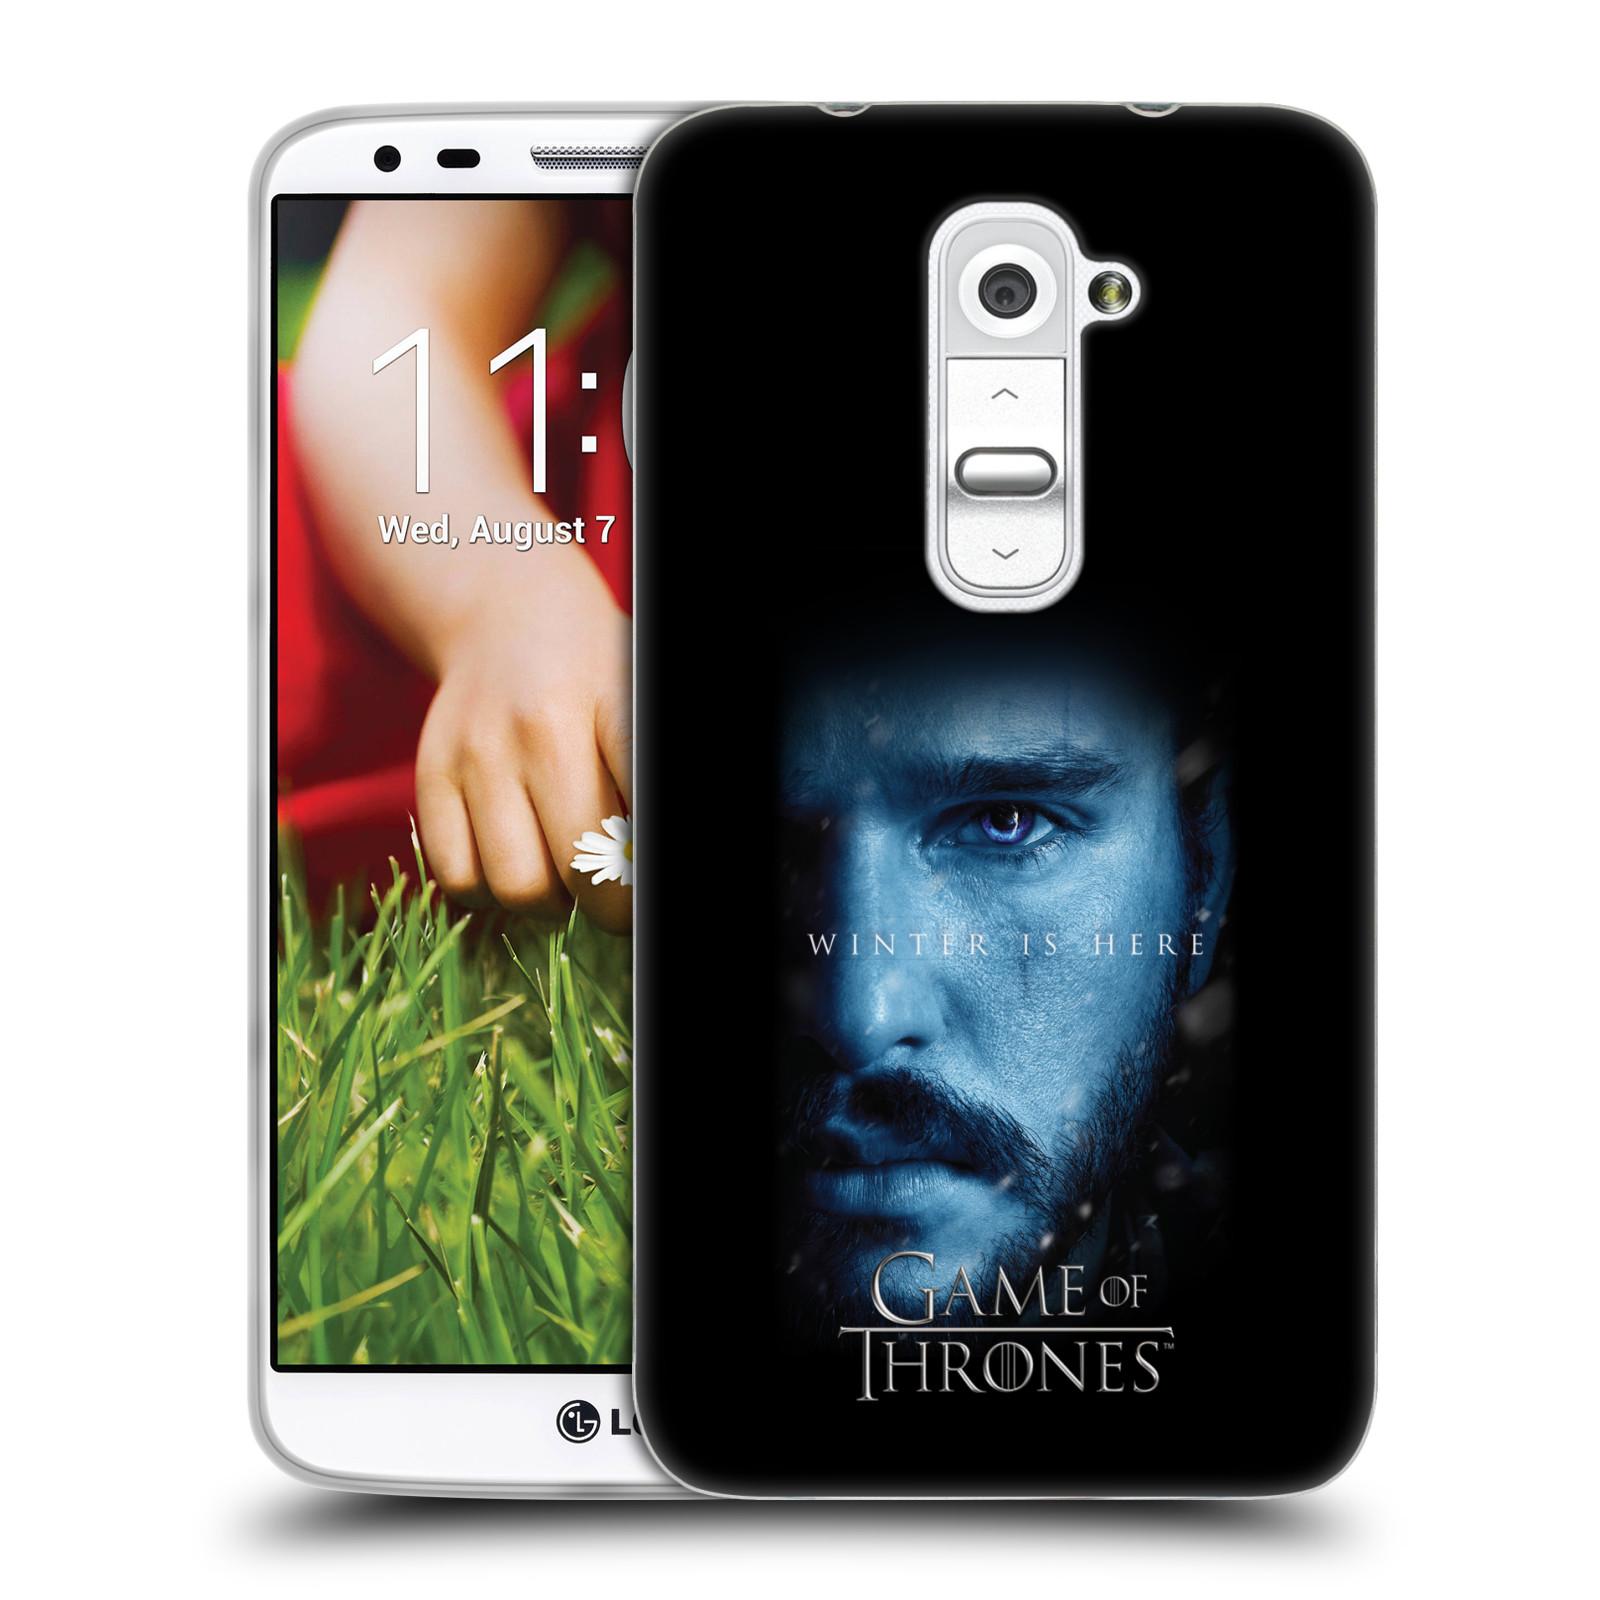 Silikonové pouzdro na mobil HTC LG G2 - Head Case - Hra o trůny - Jon Snow - Winter is here (Silikonový kryt či obal na mobilní telefon s motivem Game of Thrones - Jon Snow - Winter is here - Season 7 pro HTC LG G2)